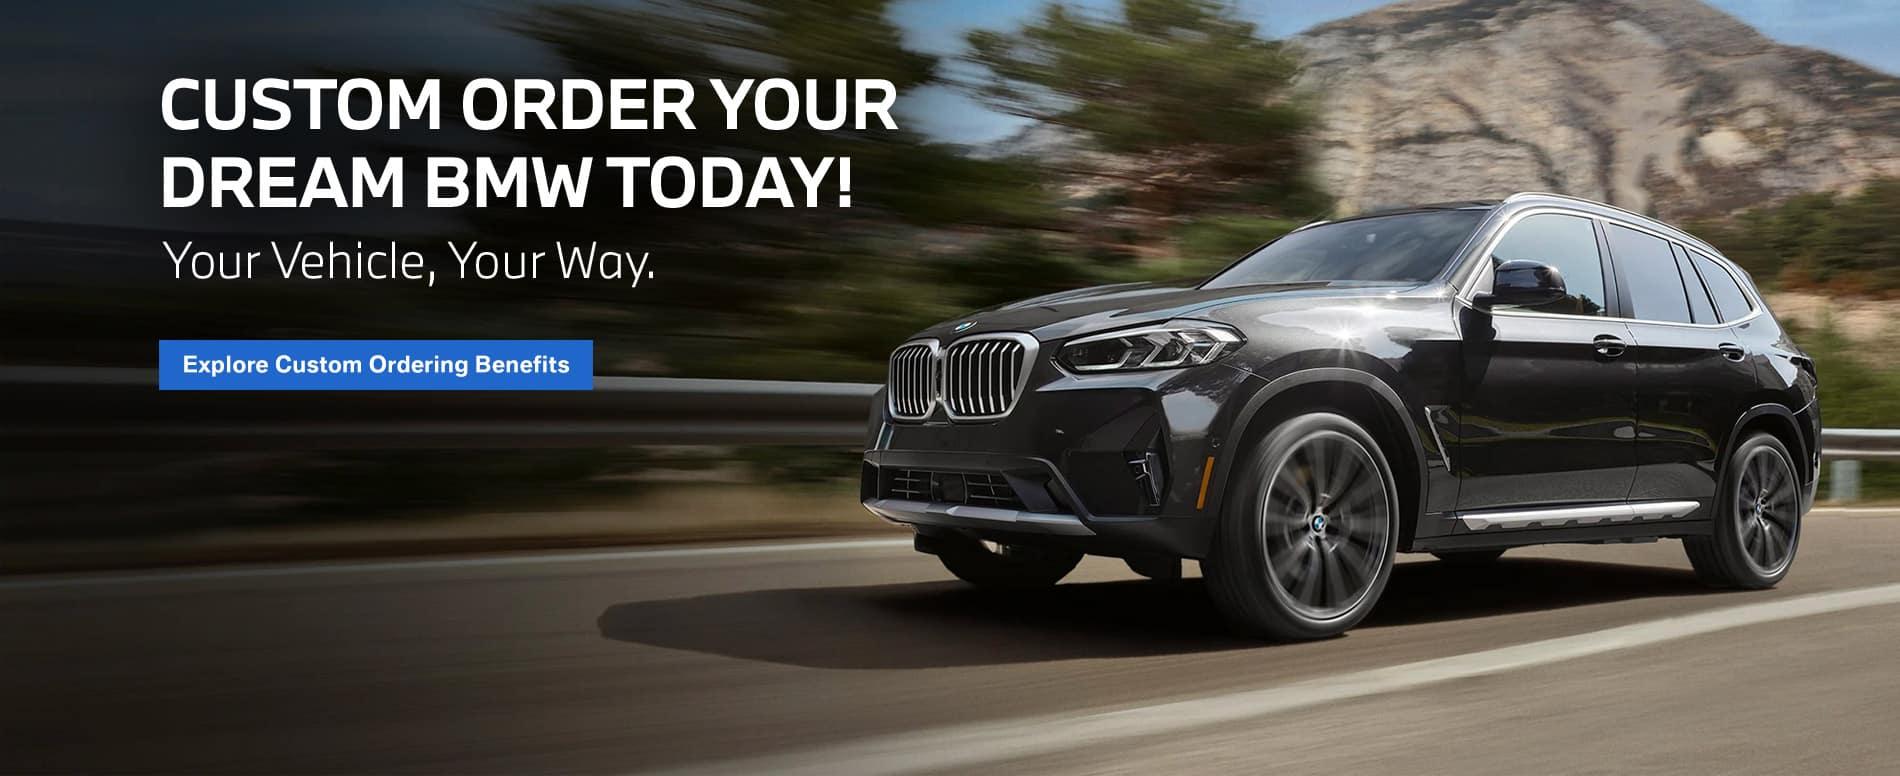 HomepageSlider-BMW-Custom-Order